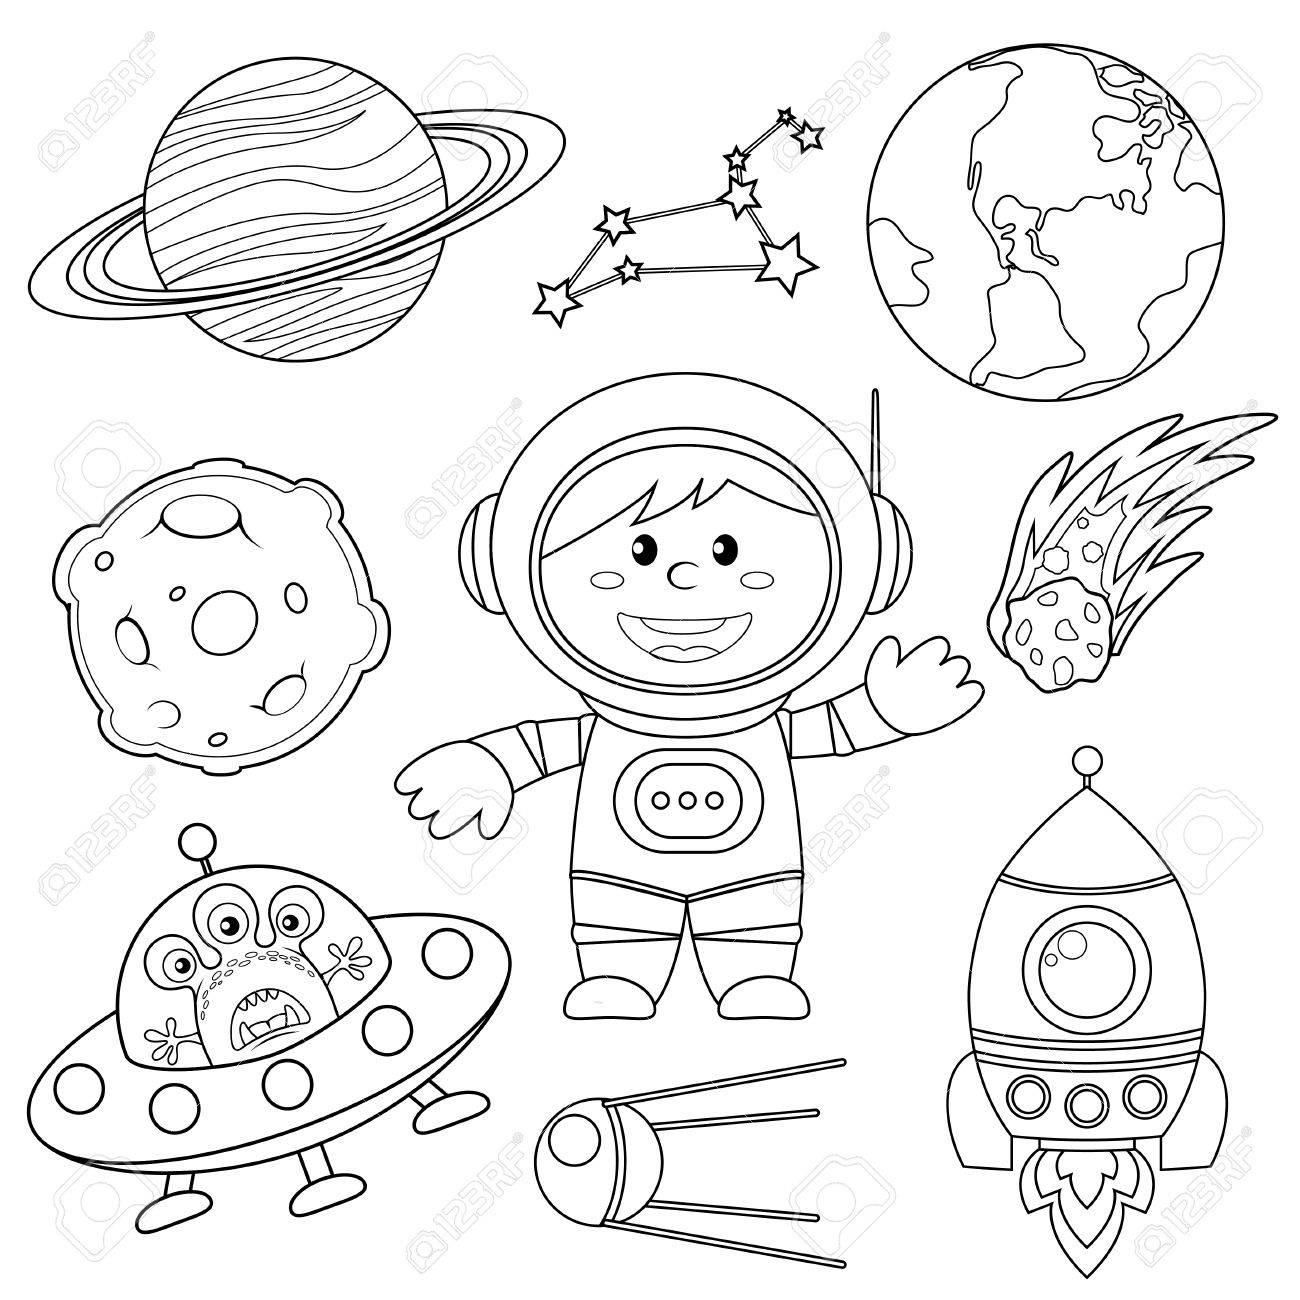 Ensemble D'éléments D'espace. Astronaute, Terre, Saturne, Lune, Ovni,  Fusée, Comète, Constellation, Spoutnik Et Étoiles. Illustration Noir Et  Blanc avec Coloriage Astronaute